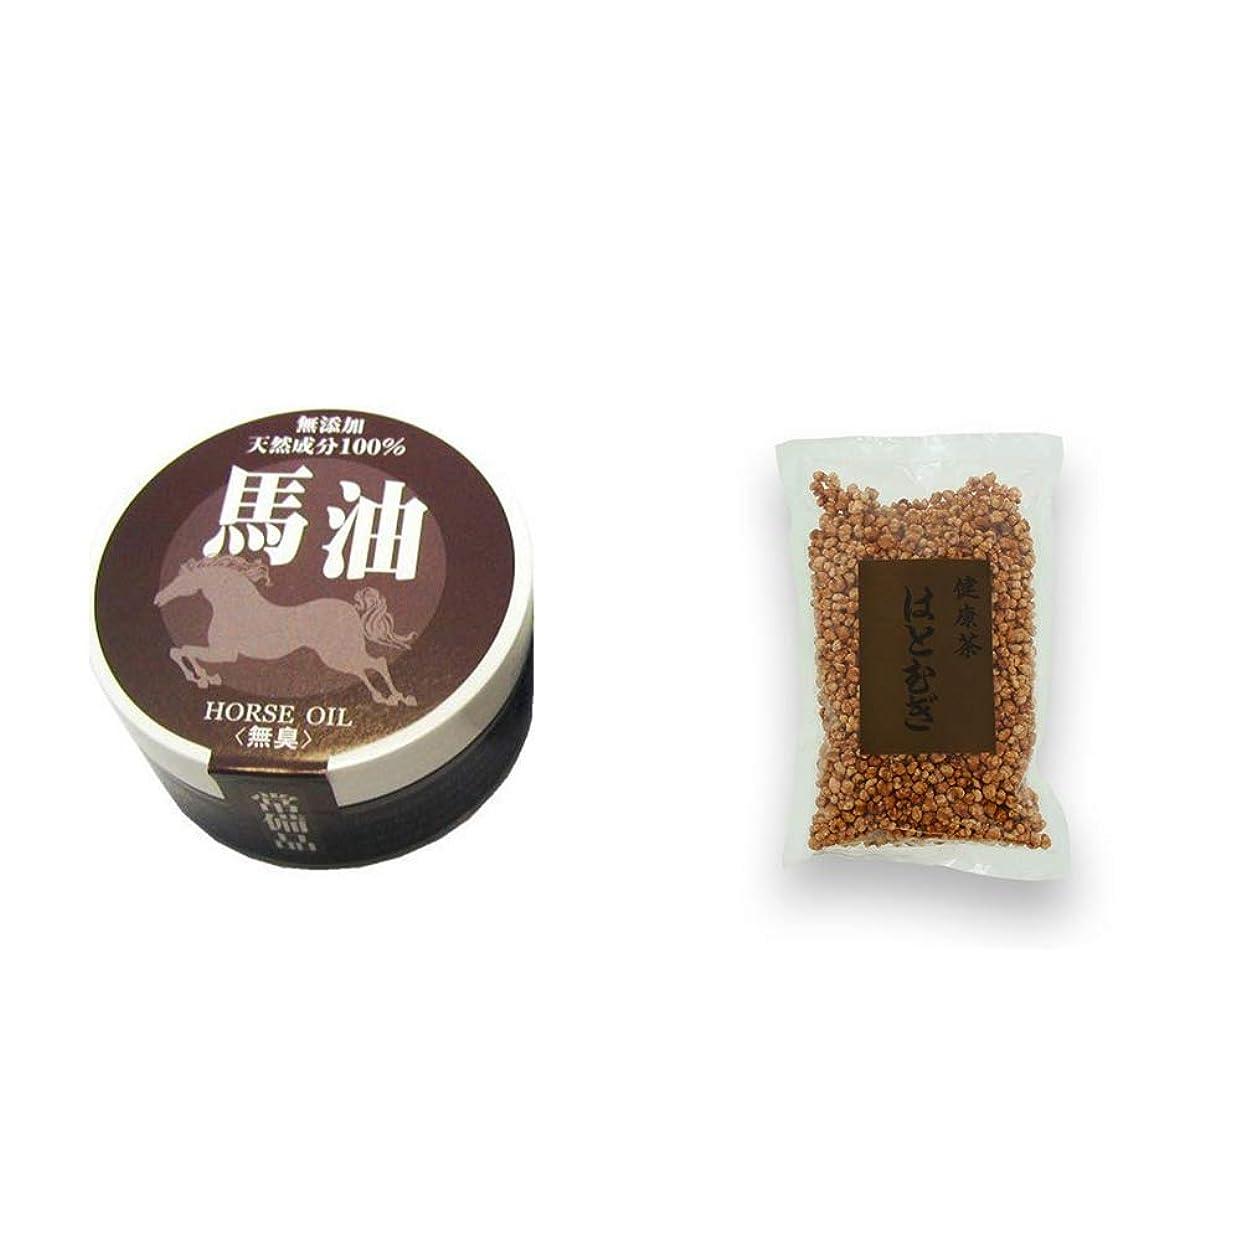 ピック誇張する日記[2点セット] 無添加天然成分100% 馬油[無香料](38g)?健康茶 はとむぎ(200g)